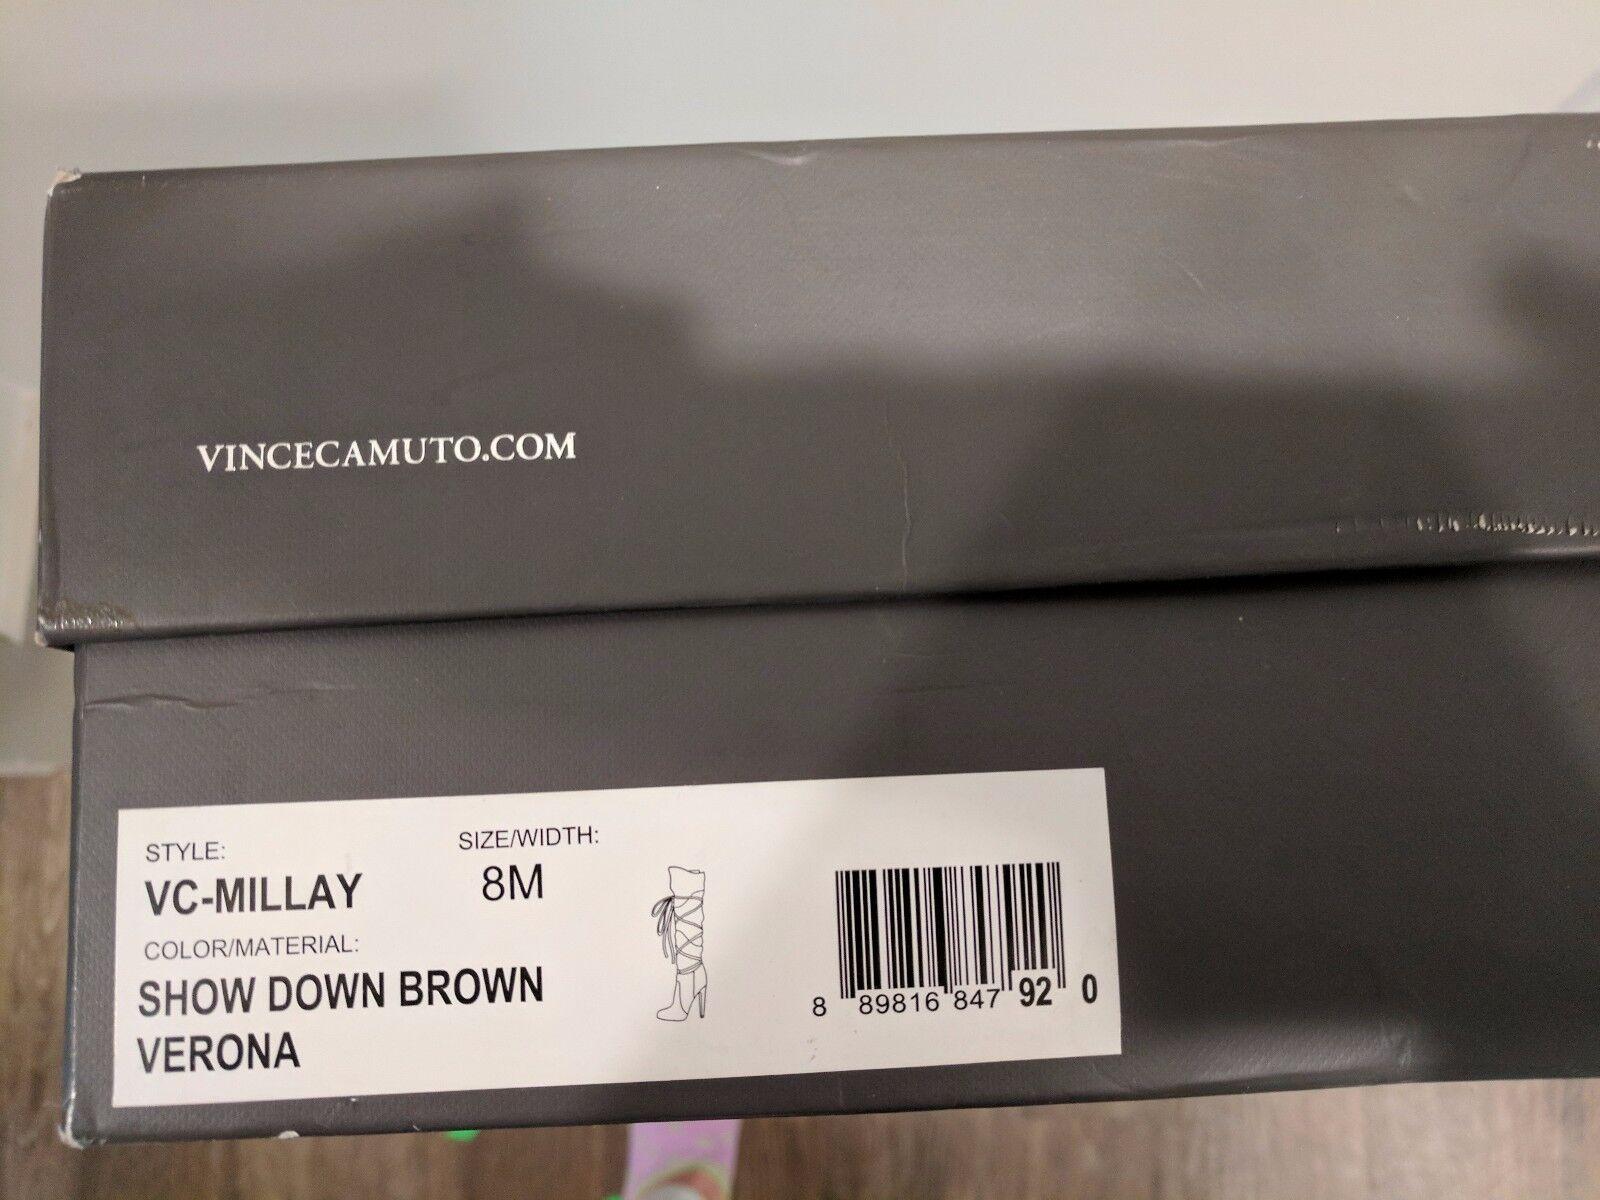 negozio all'ingrosso Donna  stivali stivali stivali - Vince Camuto - Dimensione 8M - Show Down Marrone Verona  spedizione veloce a te